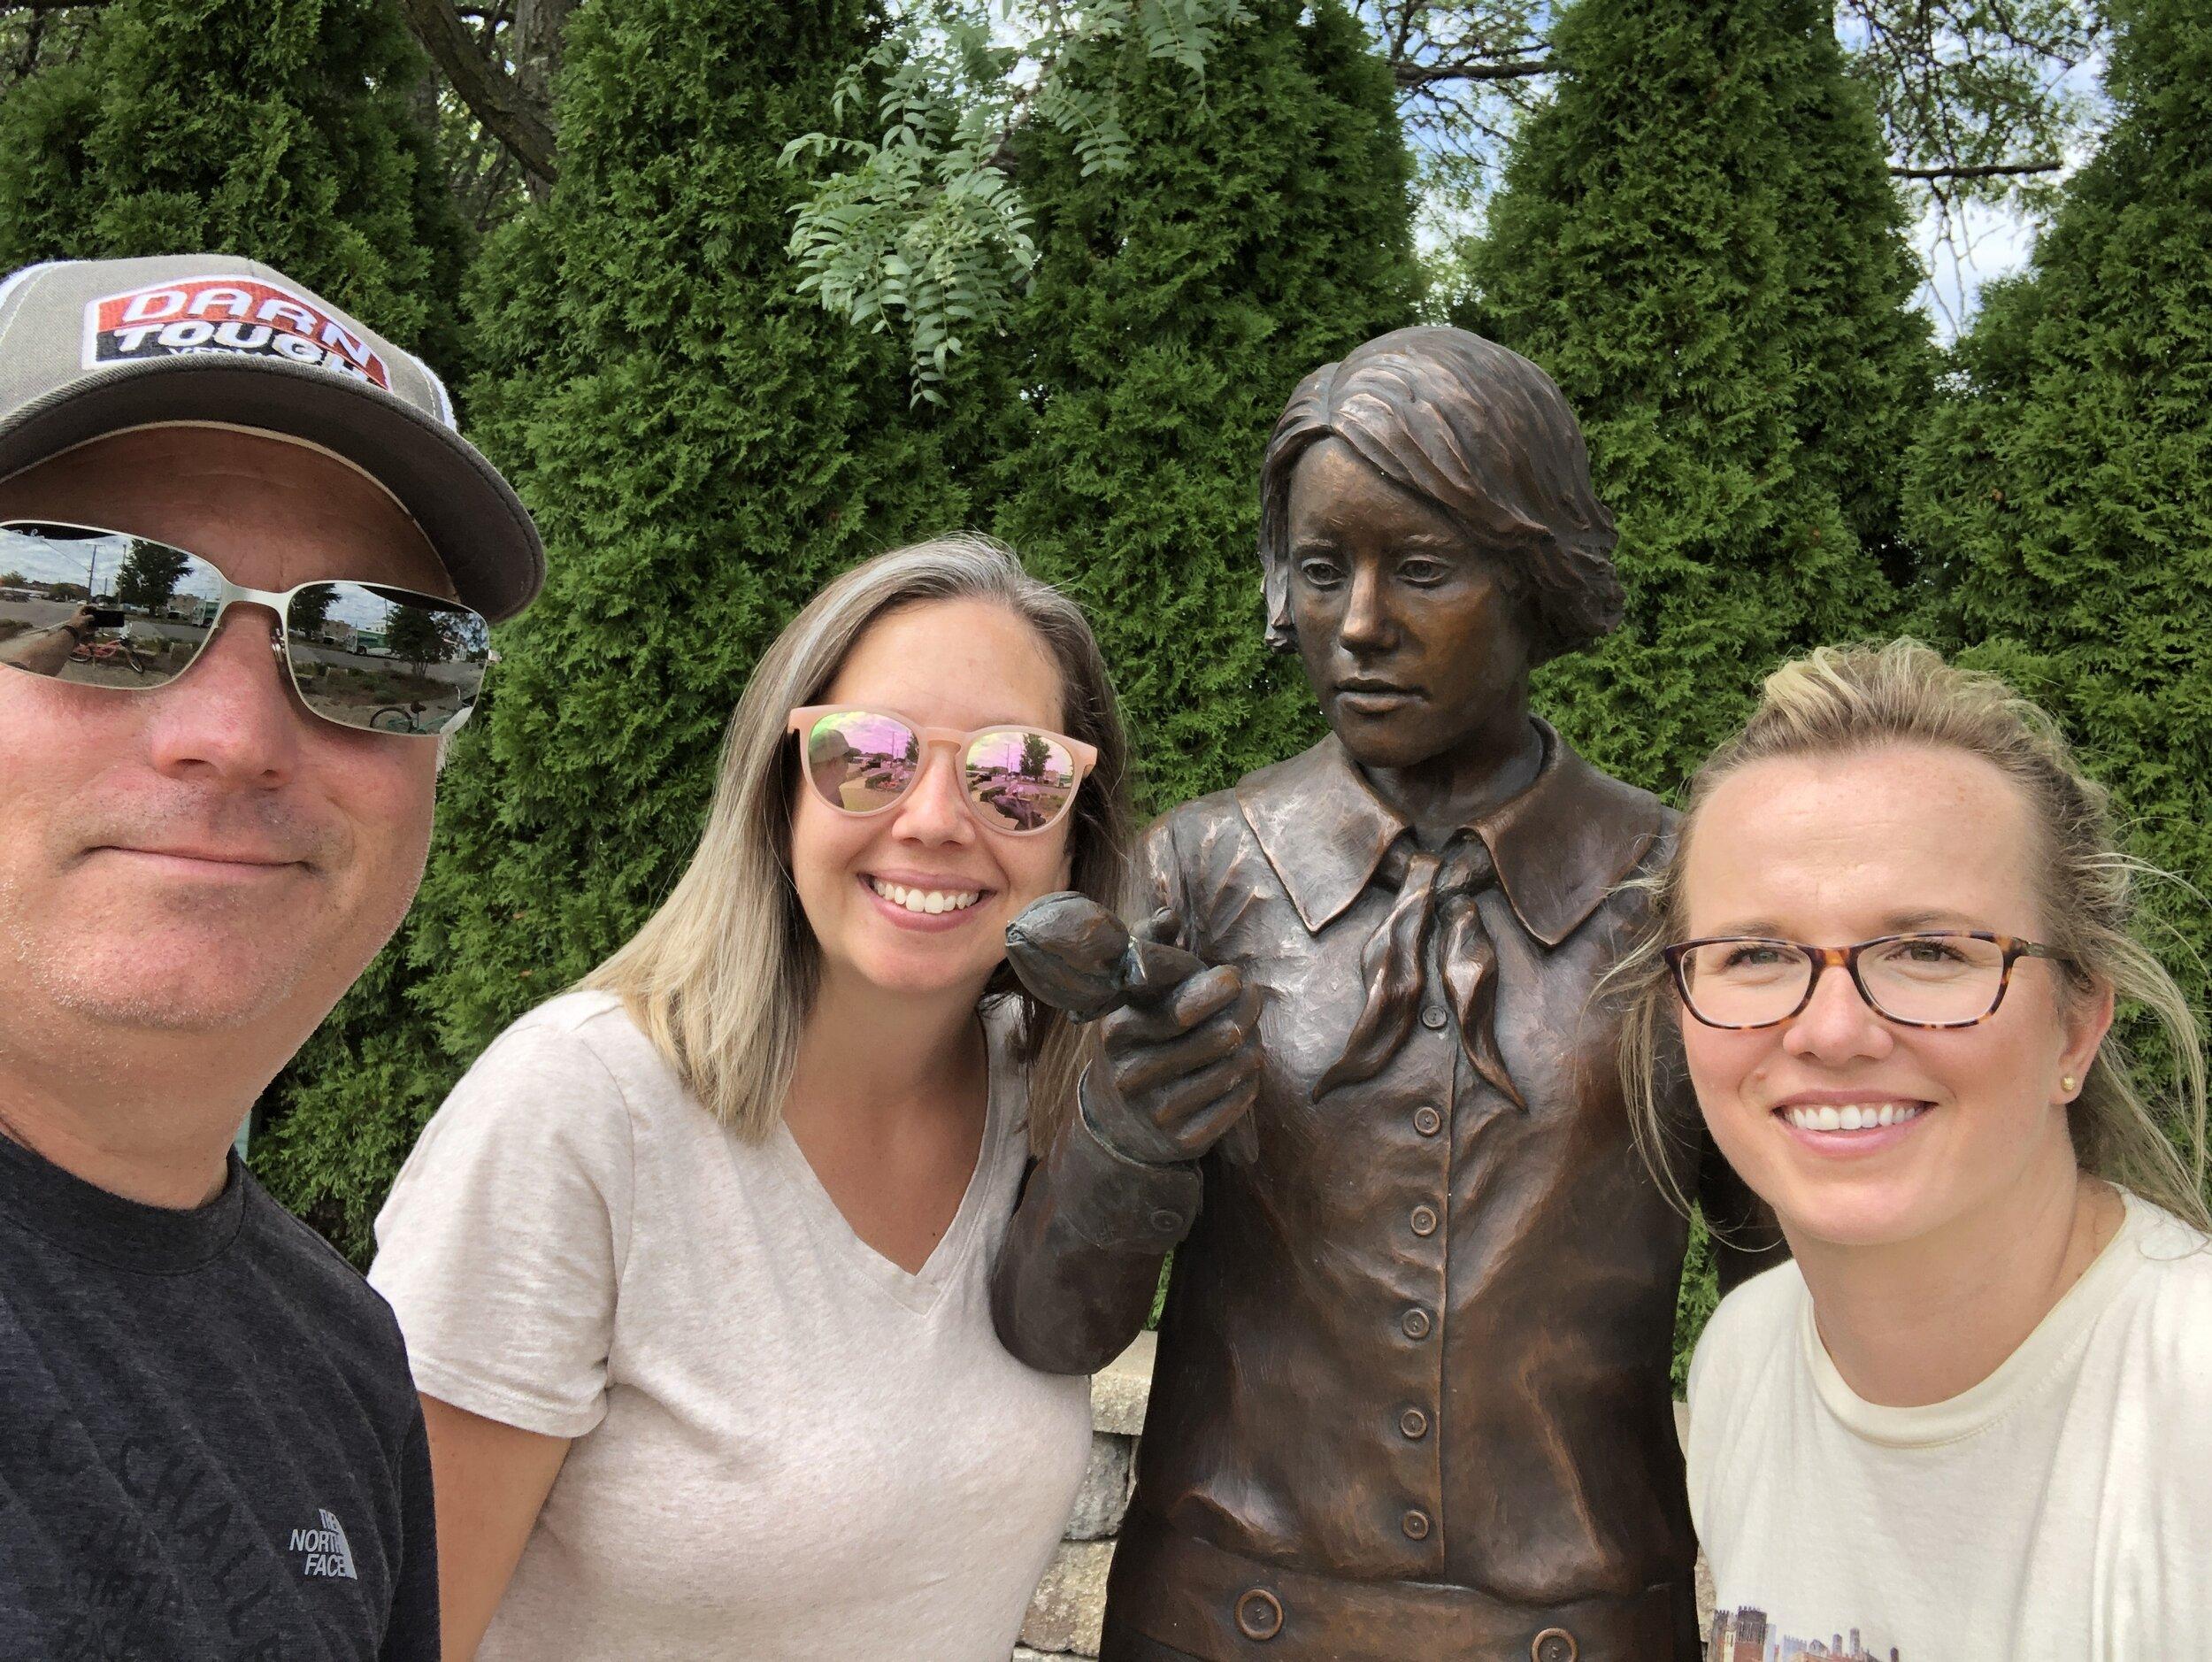 The Radium Girls Memorial Ottawa, Illinois